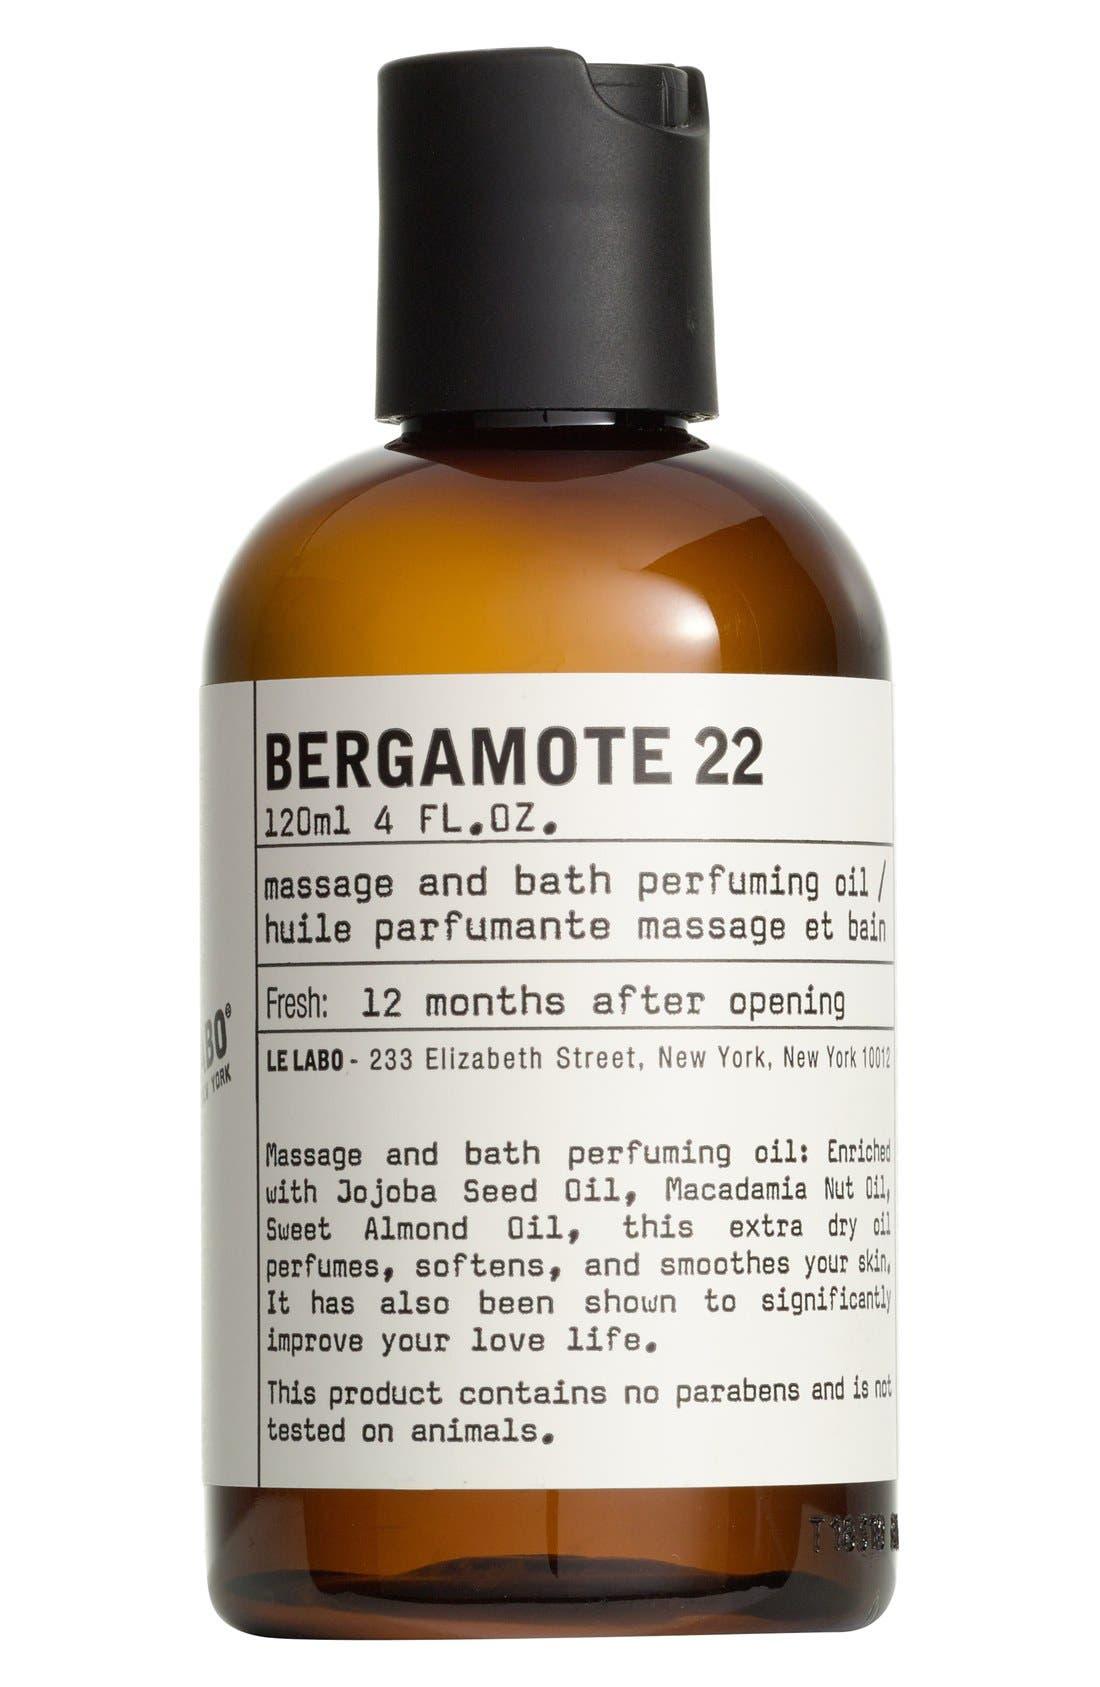 Le Labo 'Bergamote 22' Body Oil